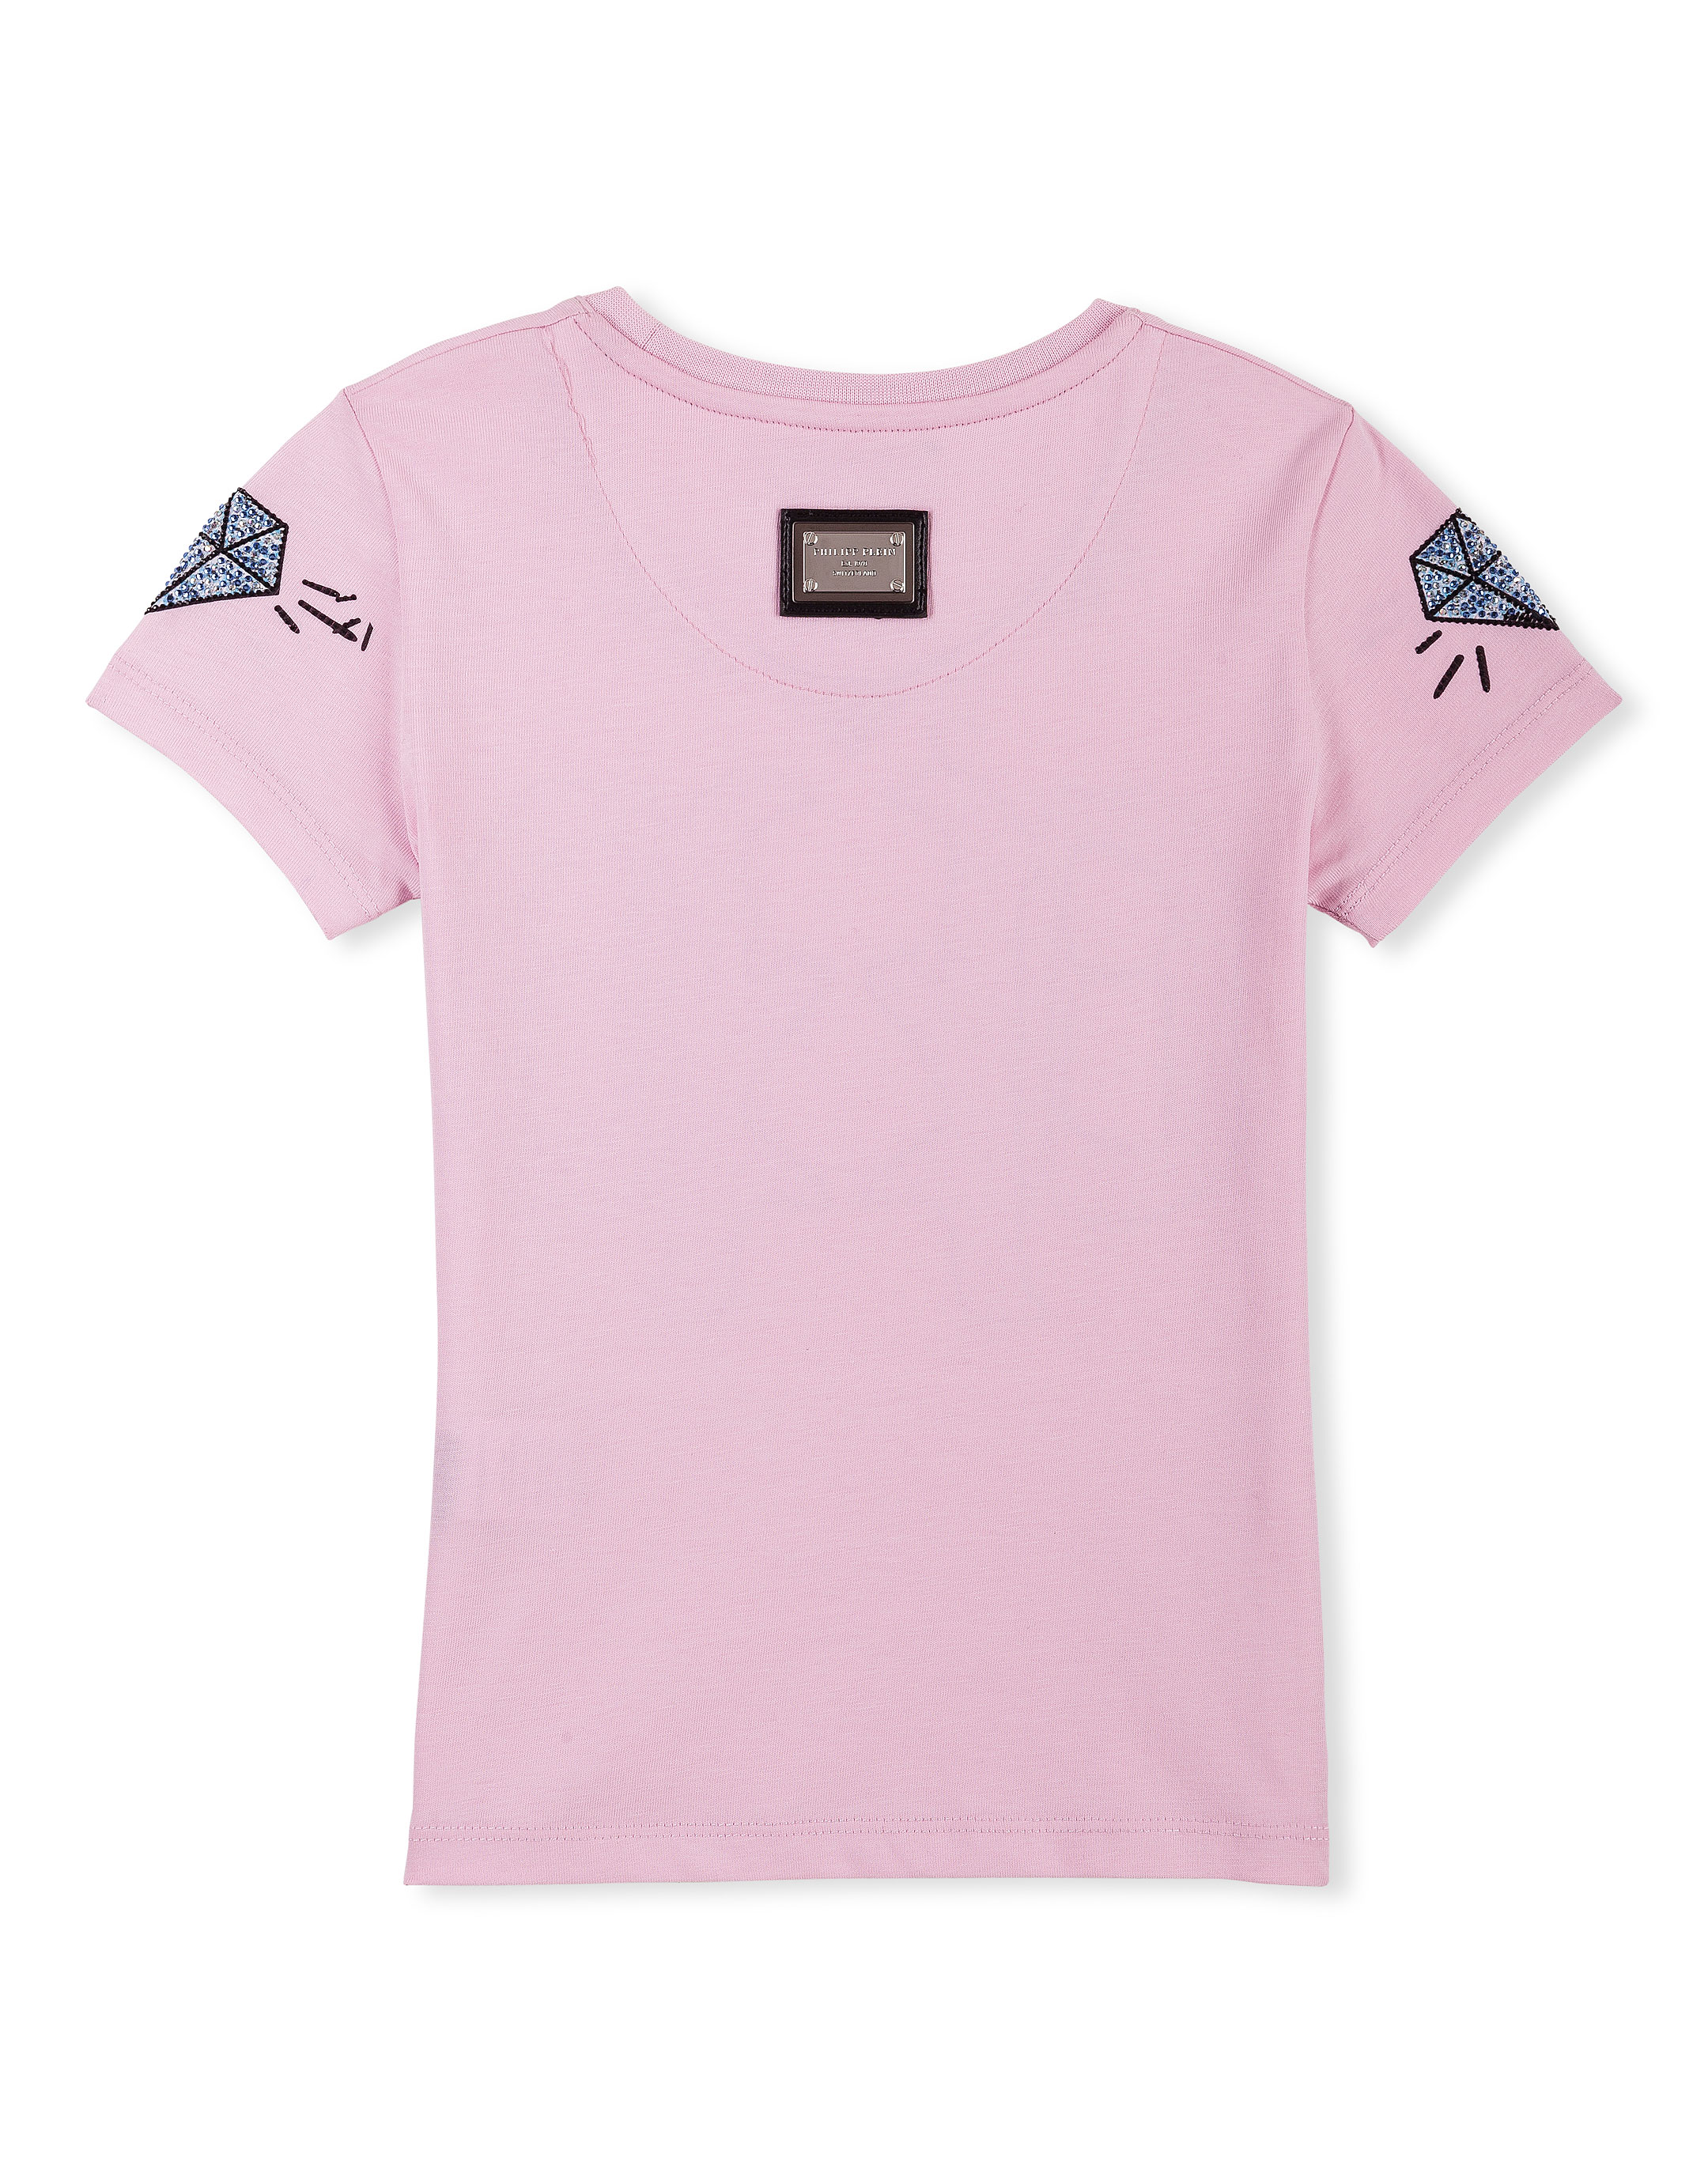 8b23913a0 T-shirt Round Neck SS